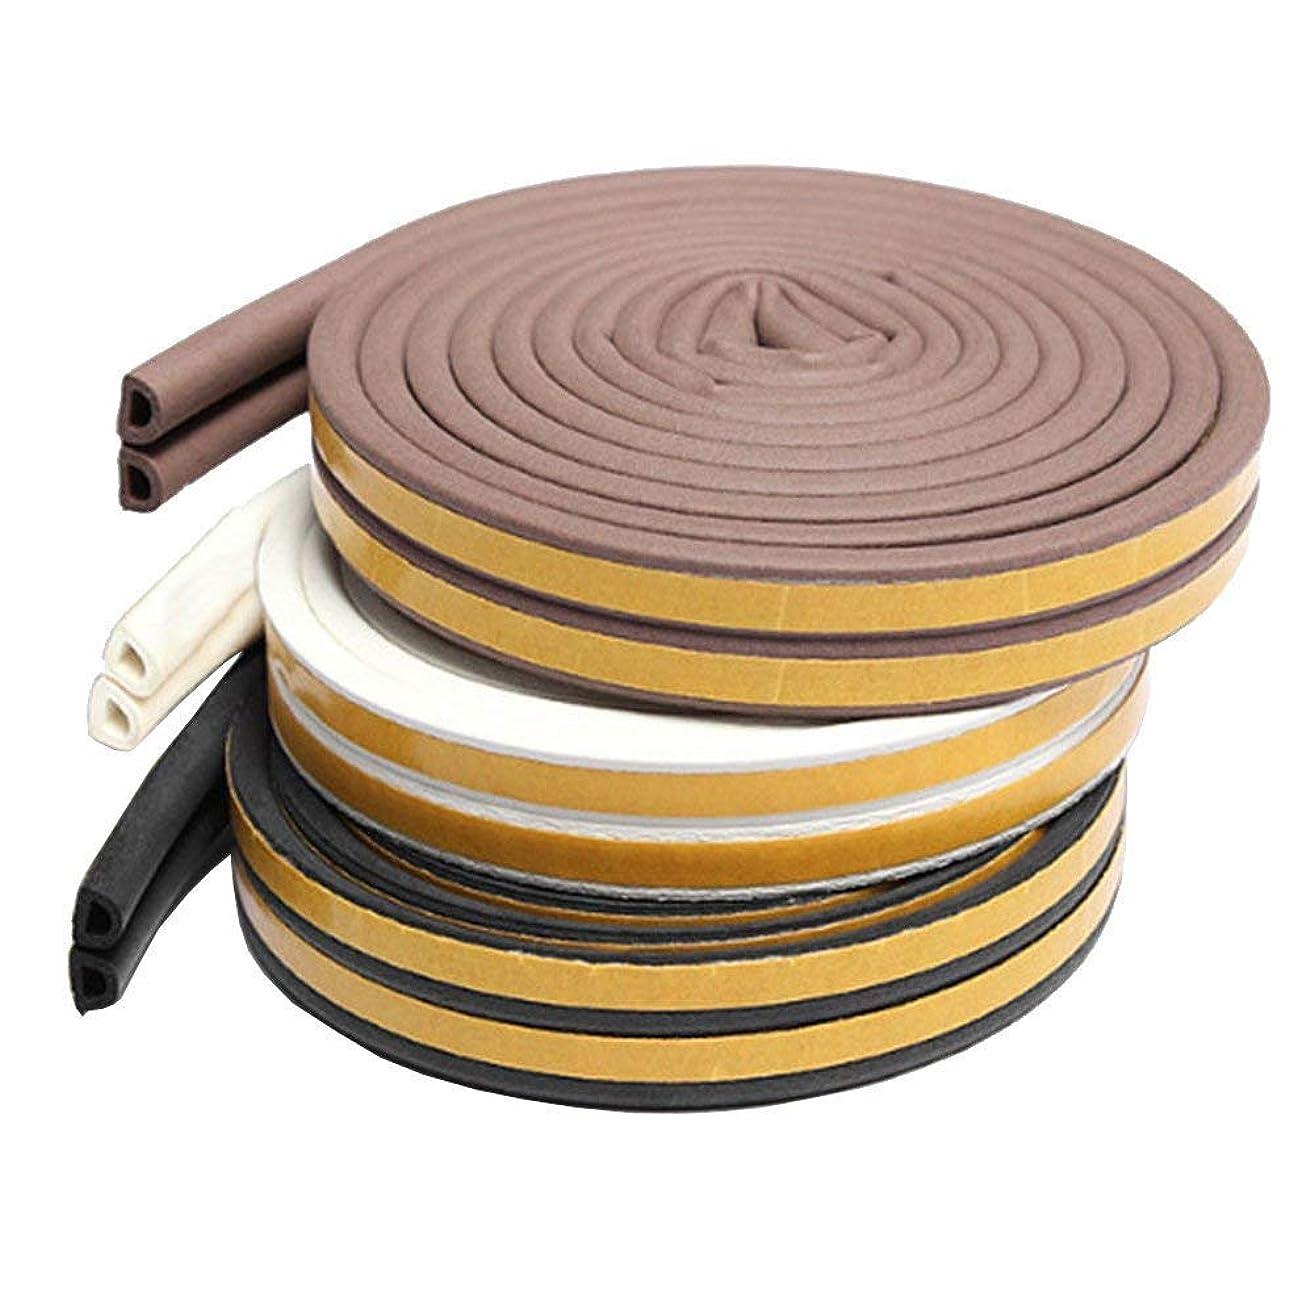 兵士死ぬイヤホン隙間テープ 戸あたり ゴム テープ ドア 気密 窓 棚 スキ用テープ 強力接着剤 すきま風防止 防音 防風 防虫 騒音対策 D型 5M